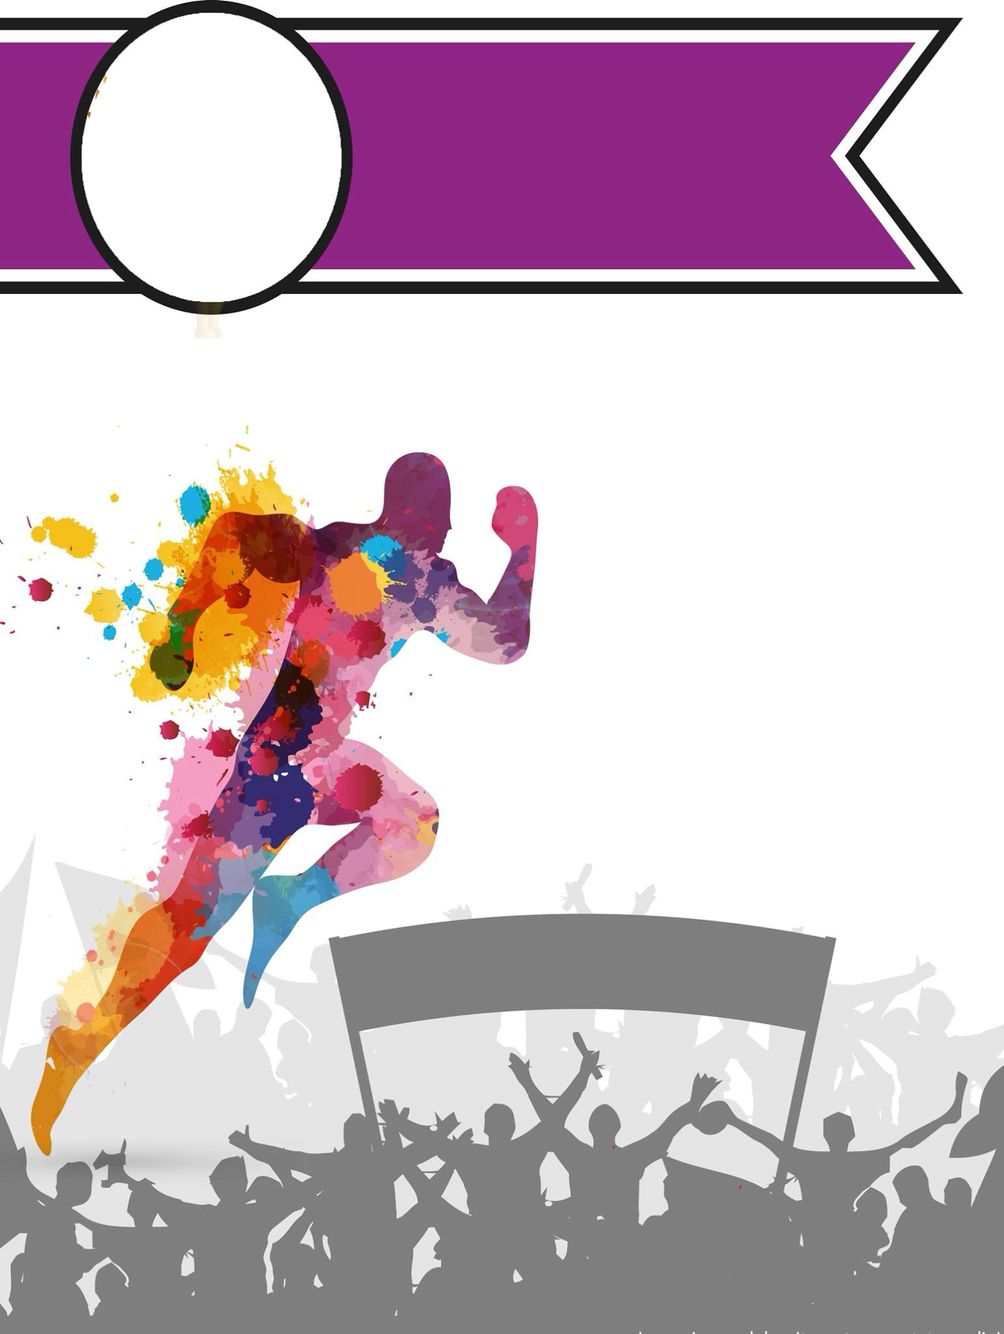 87 Gambar Background Untuk Cover Buku Kekinian